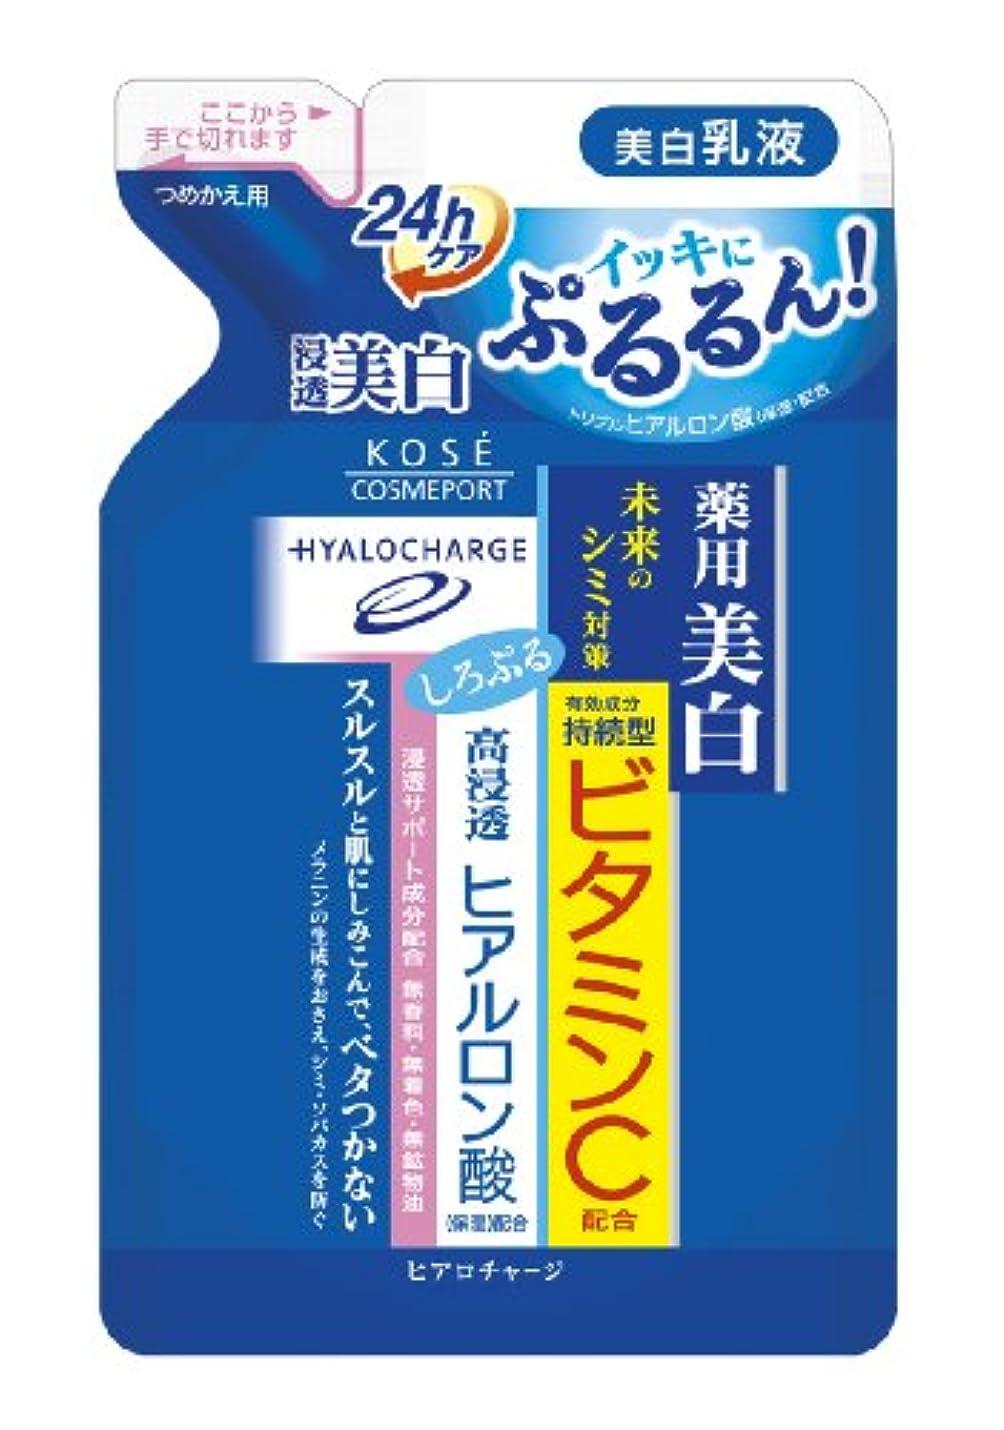 活性化する傷つきやすいはしごKOSE ヒアロチャージ ホワイト 薬用 ホワイト ミルキィローション つめかえ 140mL (医薬部外品)